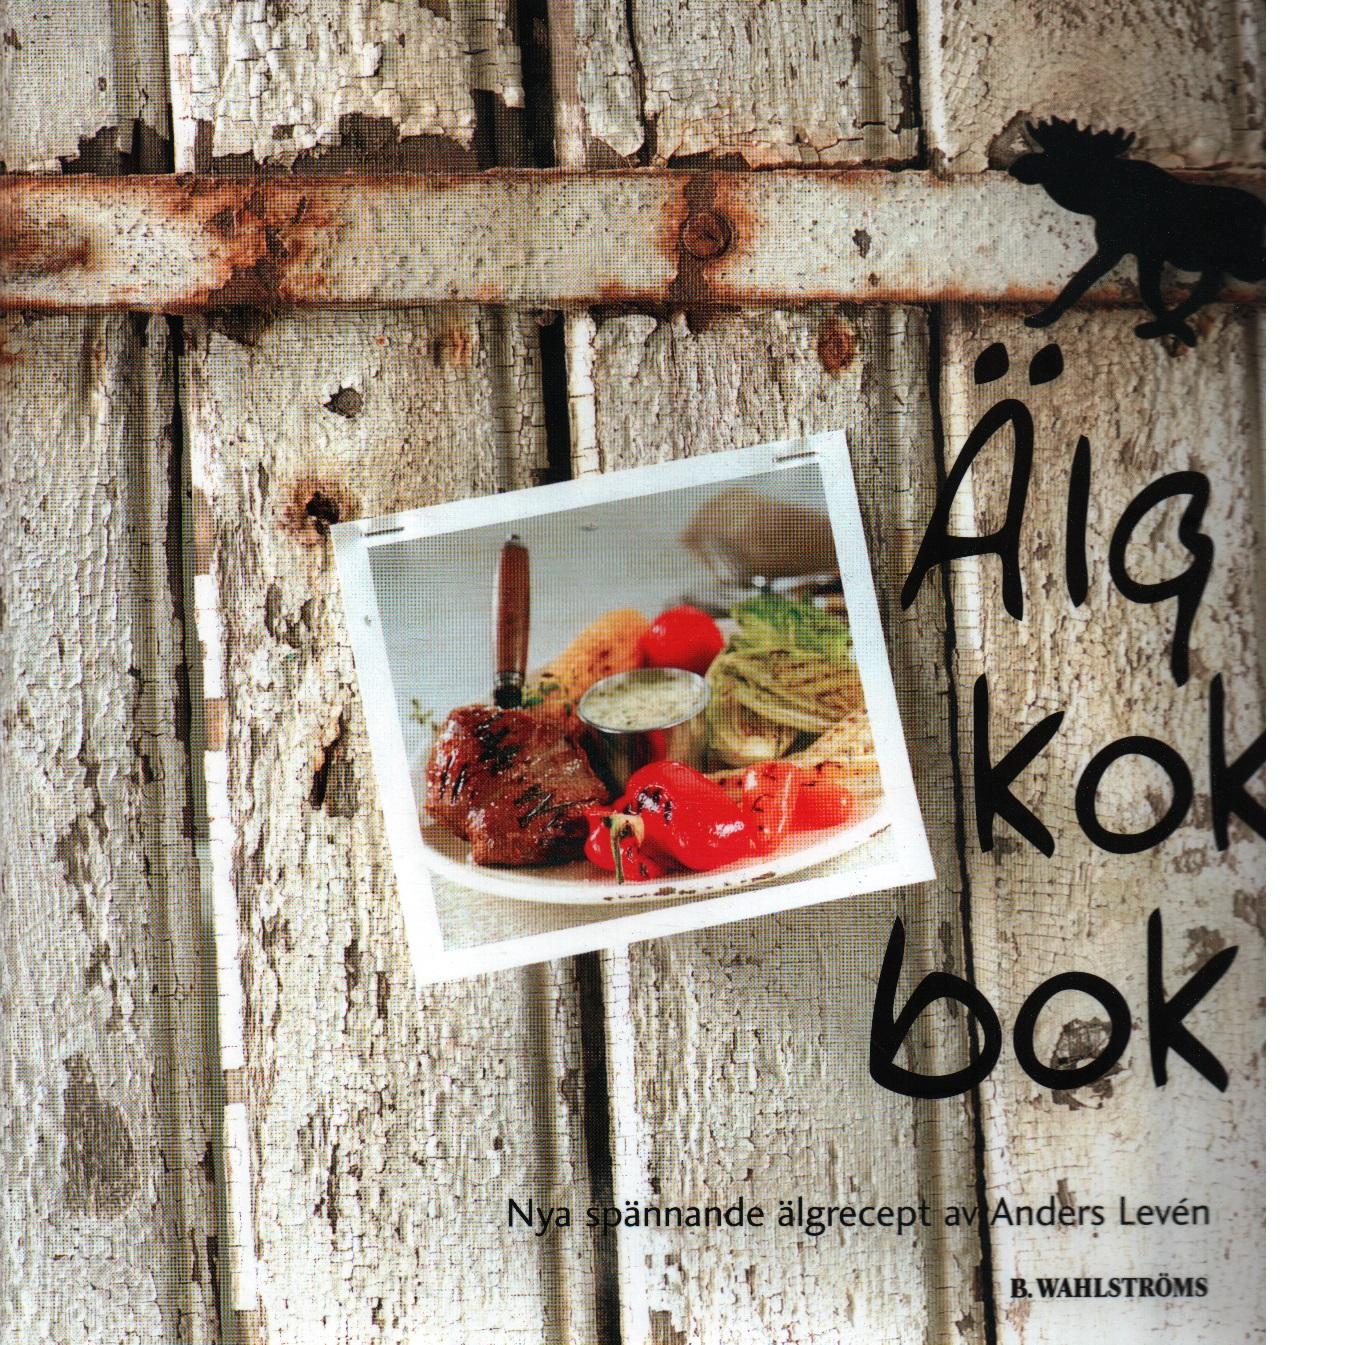 Älgkokbok : nya spännande älgrecept - Levén, Anders